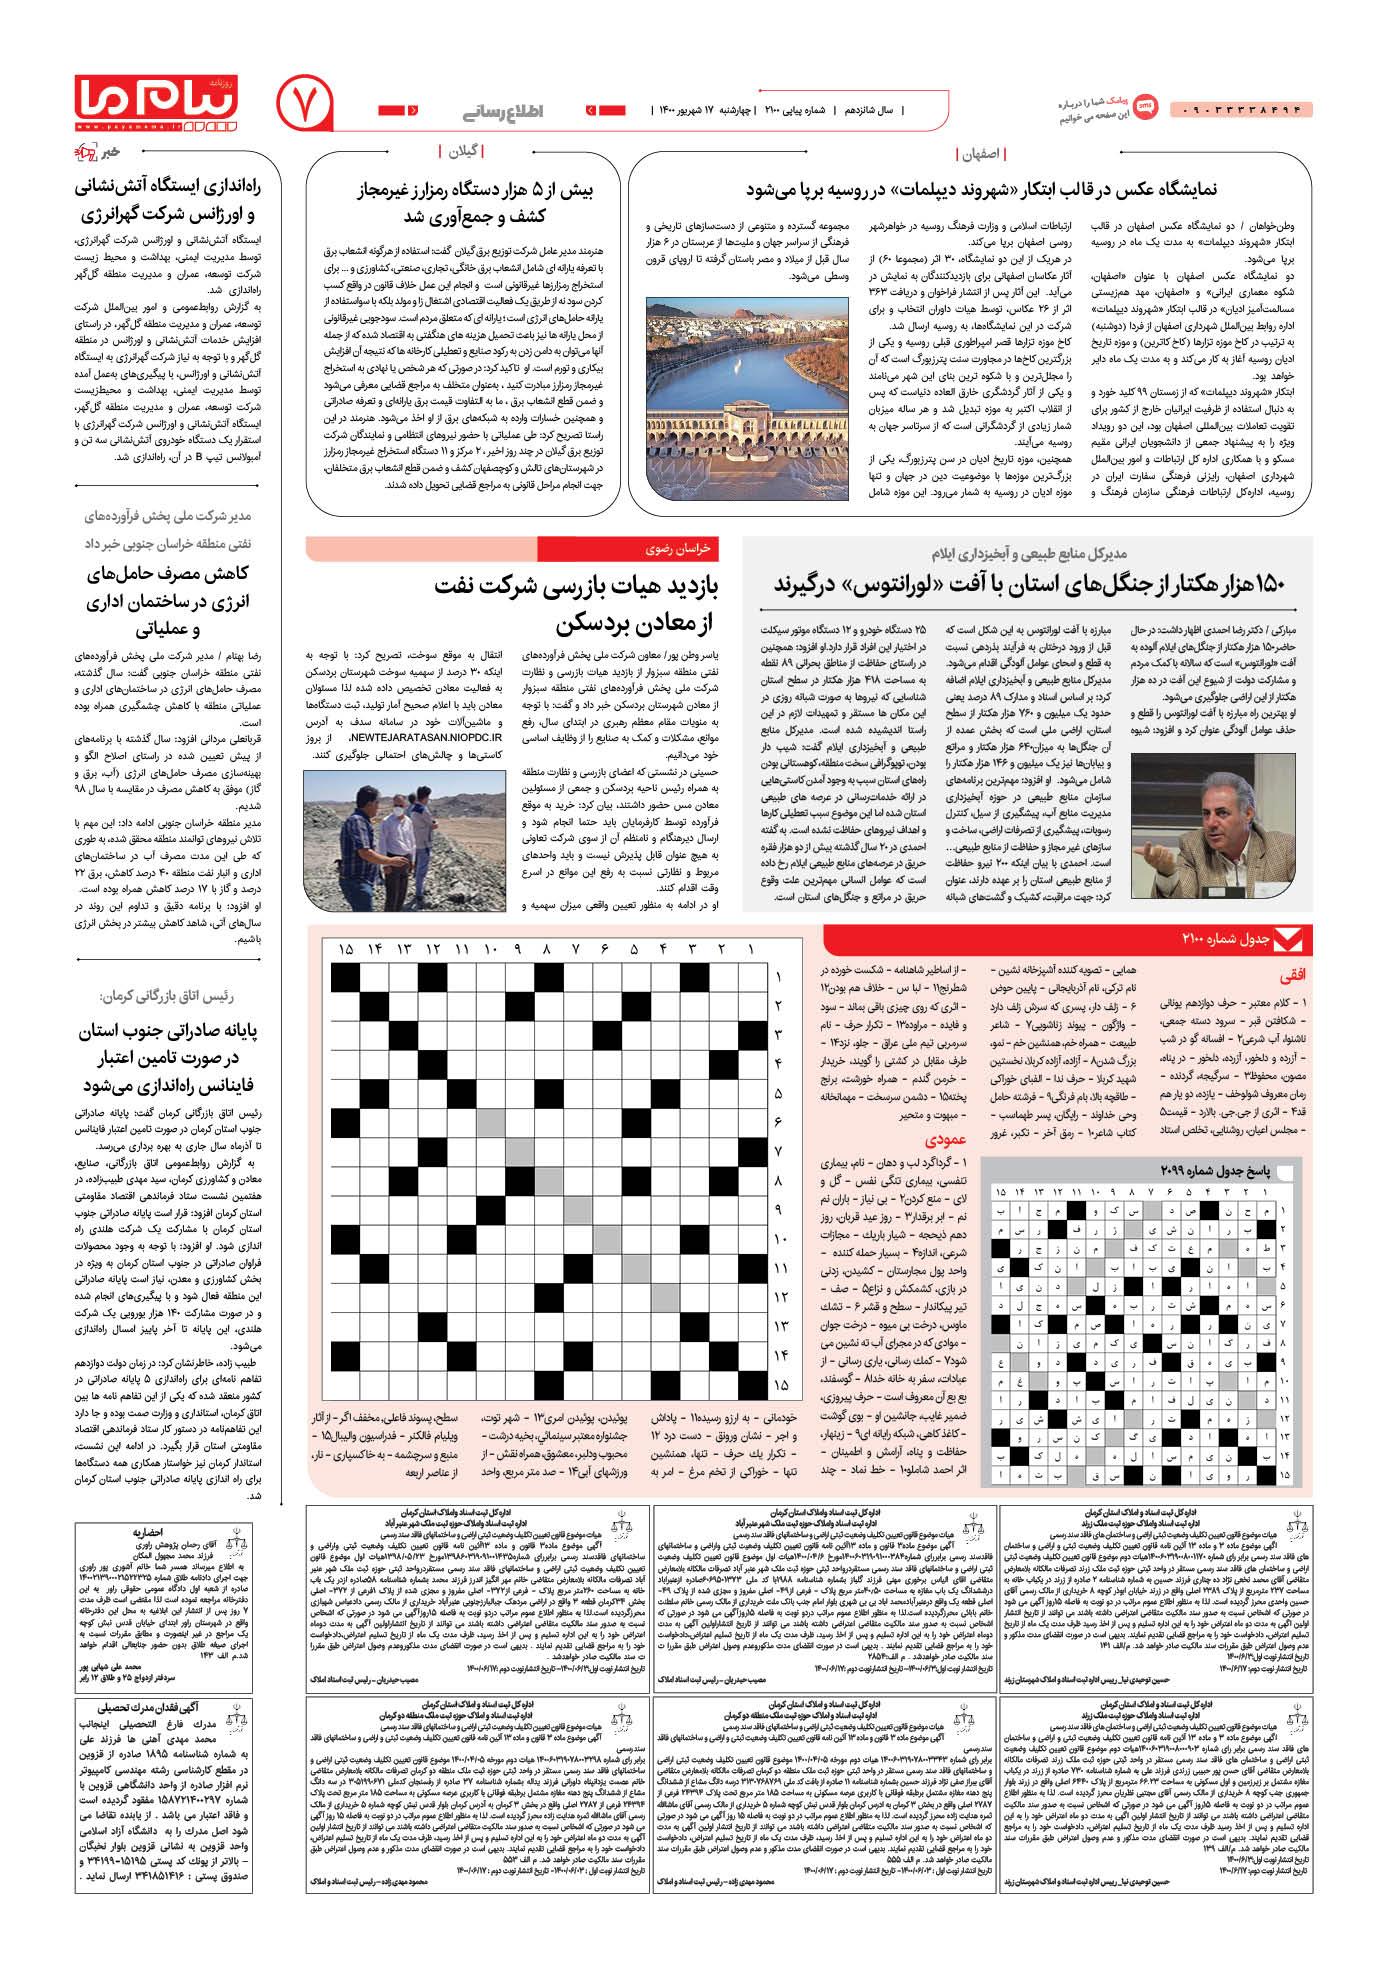 صفحه اطلاع رسانی شماره 2100 روزنامه پیام ما